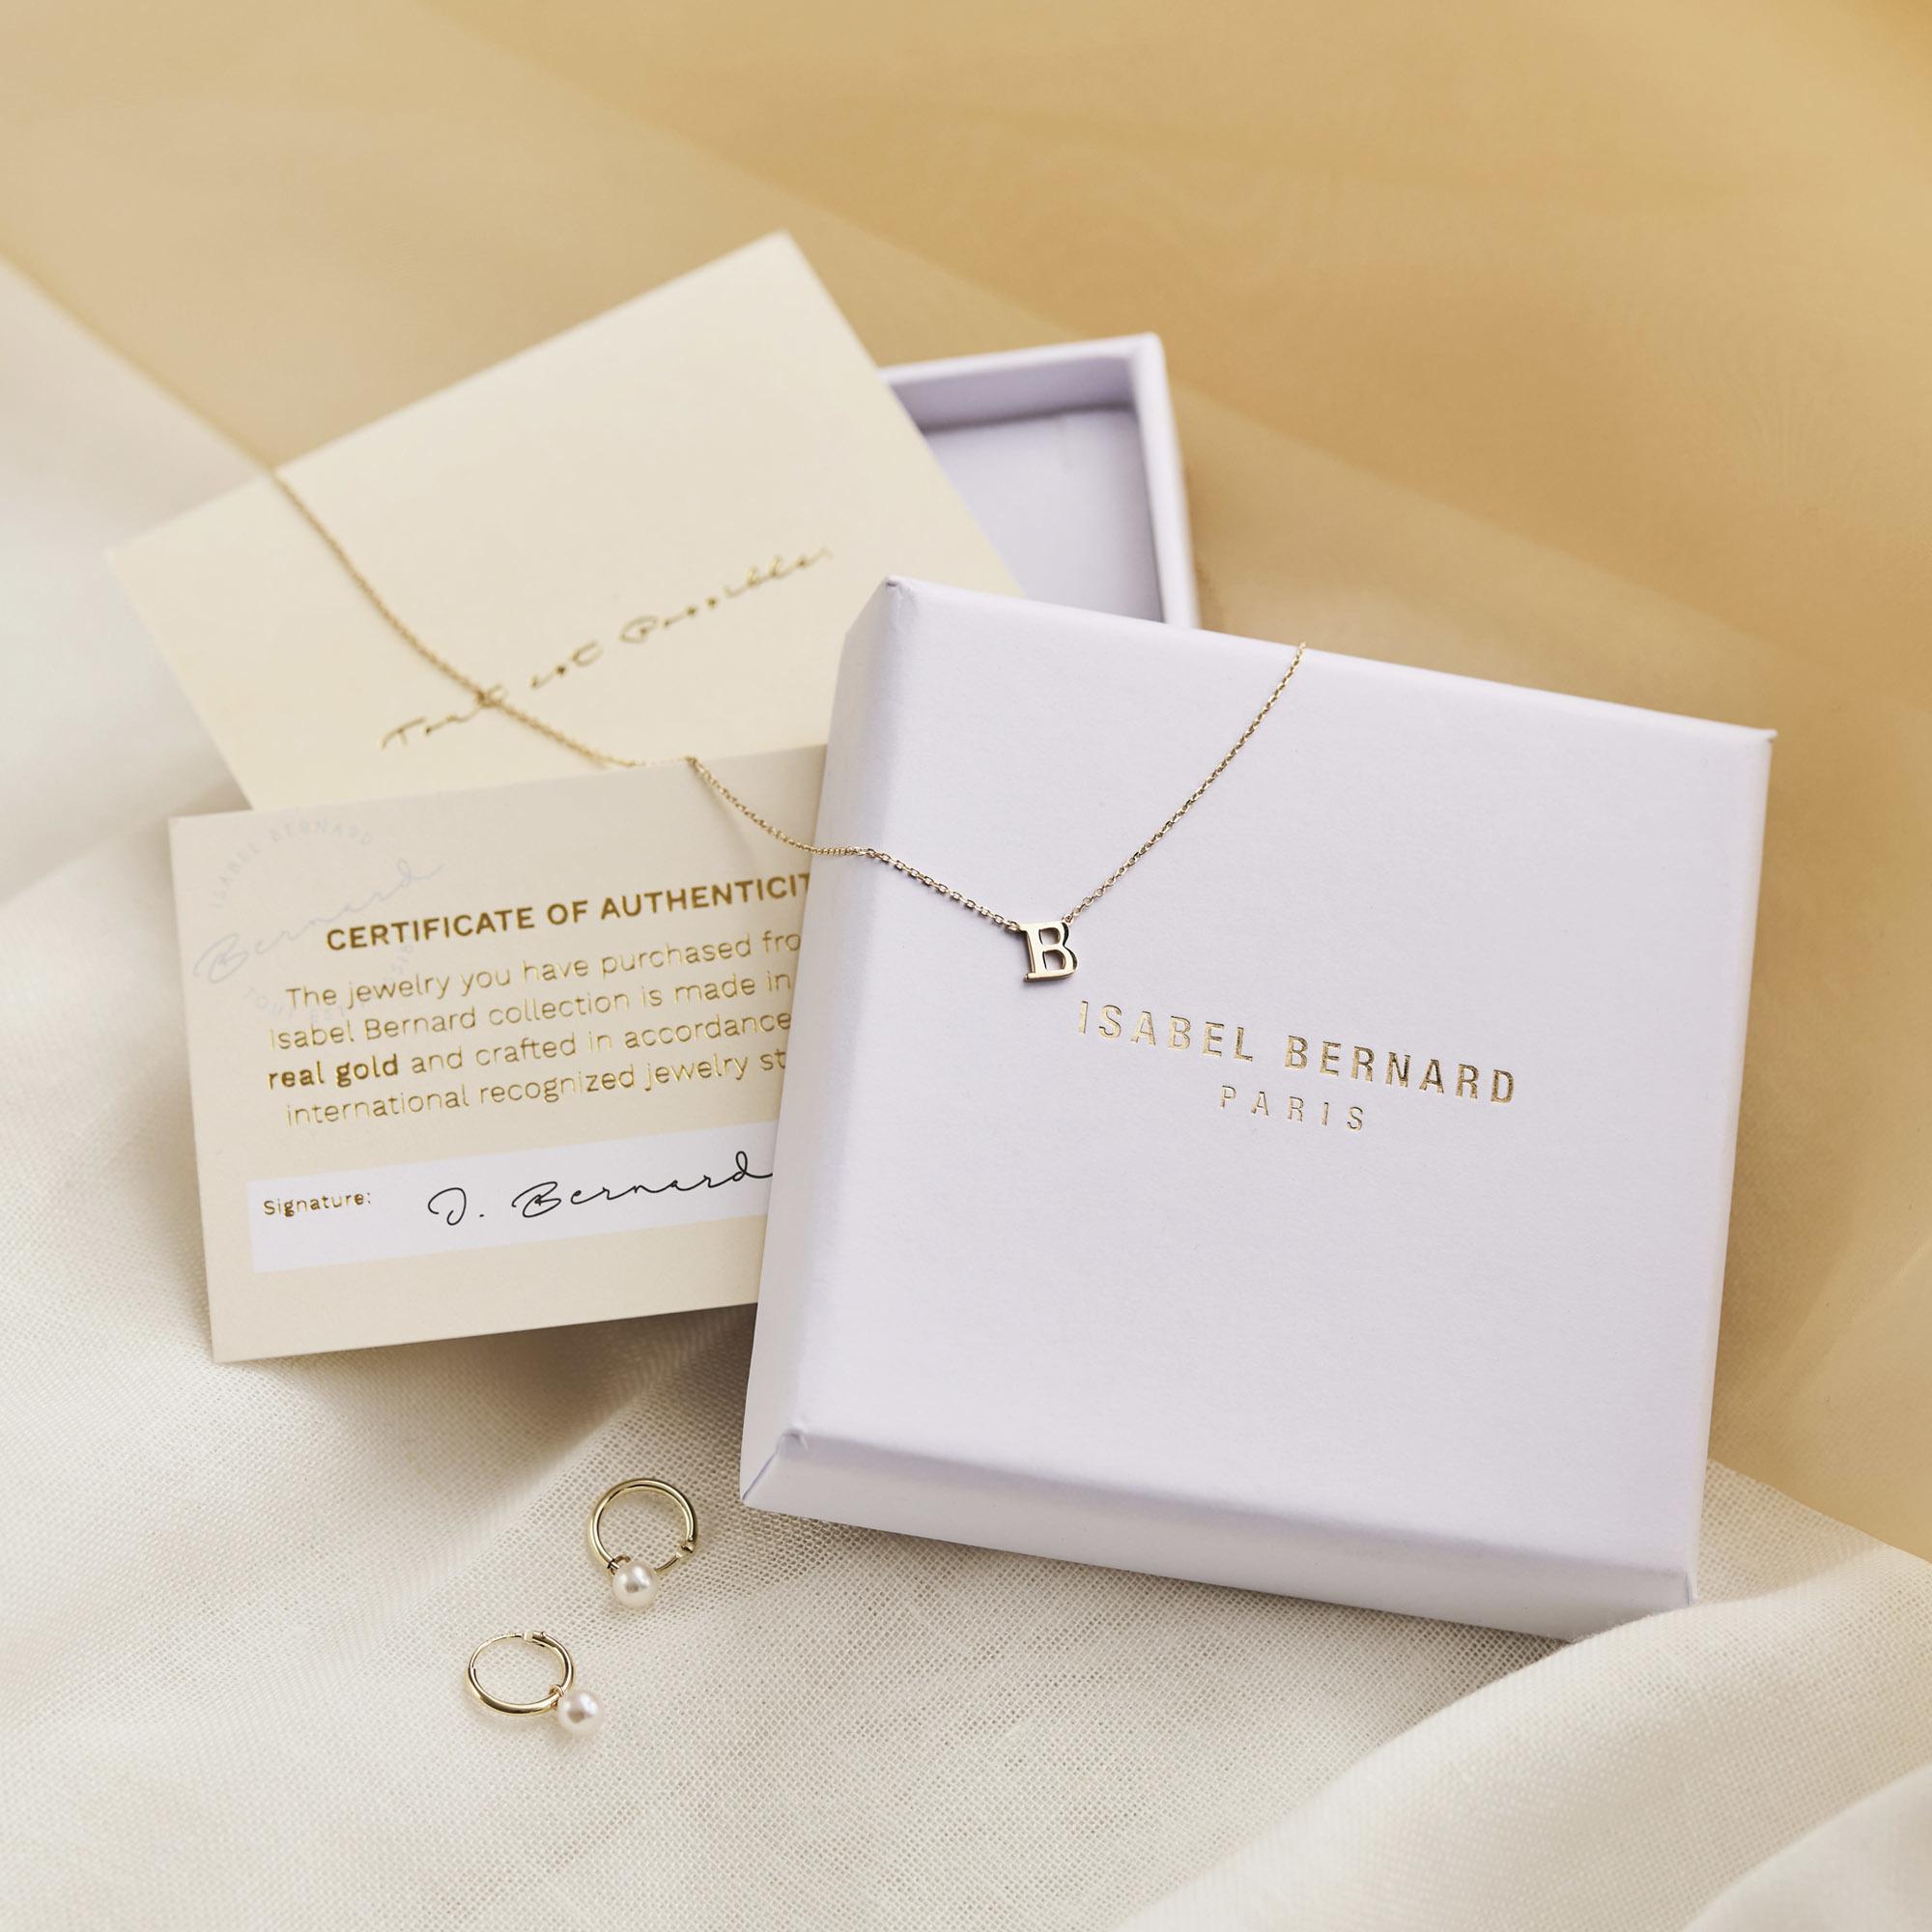 Isabel Bernard Le Carré Felie 14 karat gold cube initial charm with letter